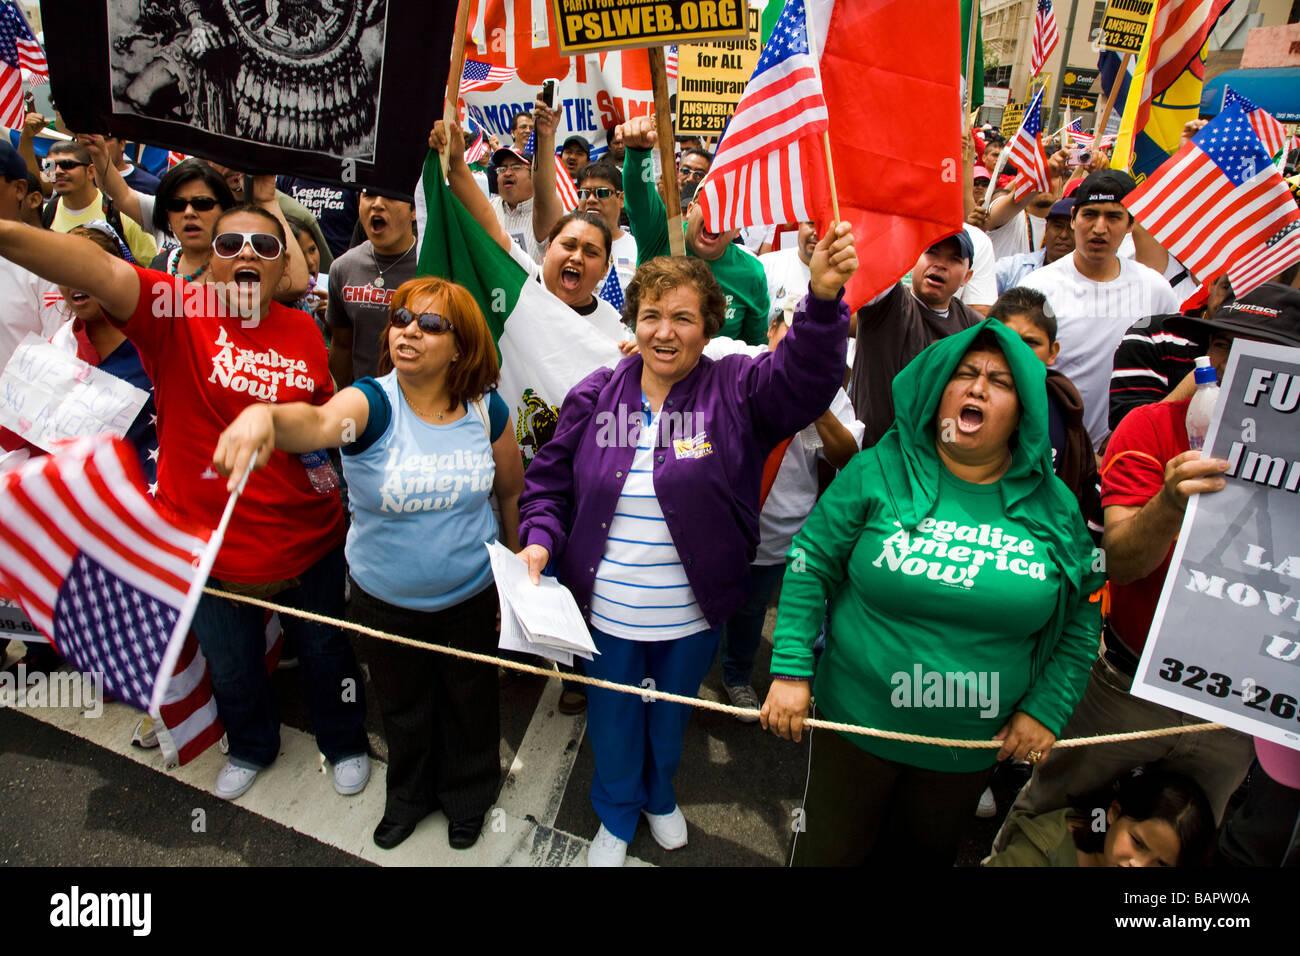 Giorno di maggio protesta 5-1-2009 presso Olympic Blvd e Broadway downtown Los Angeles California Stati Uniti d'America Immagini Stock